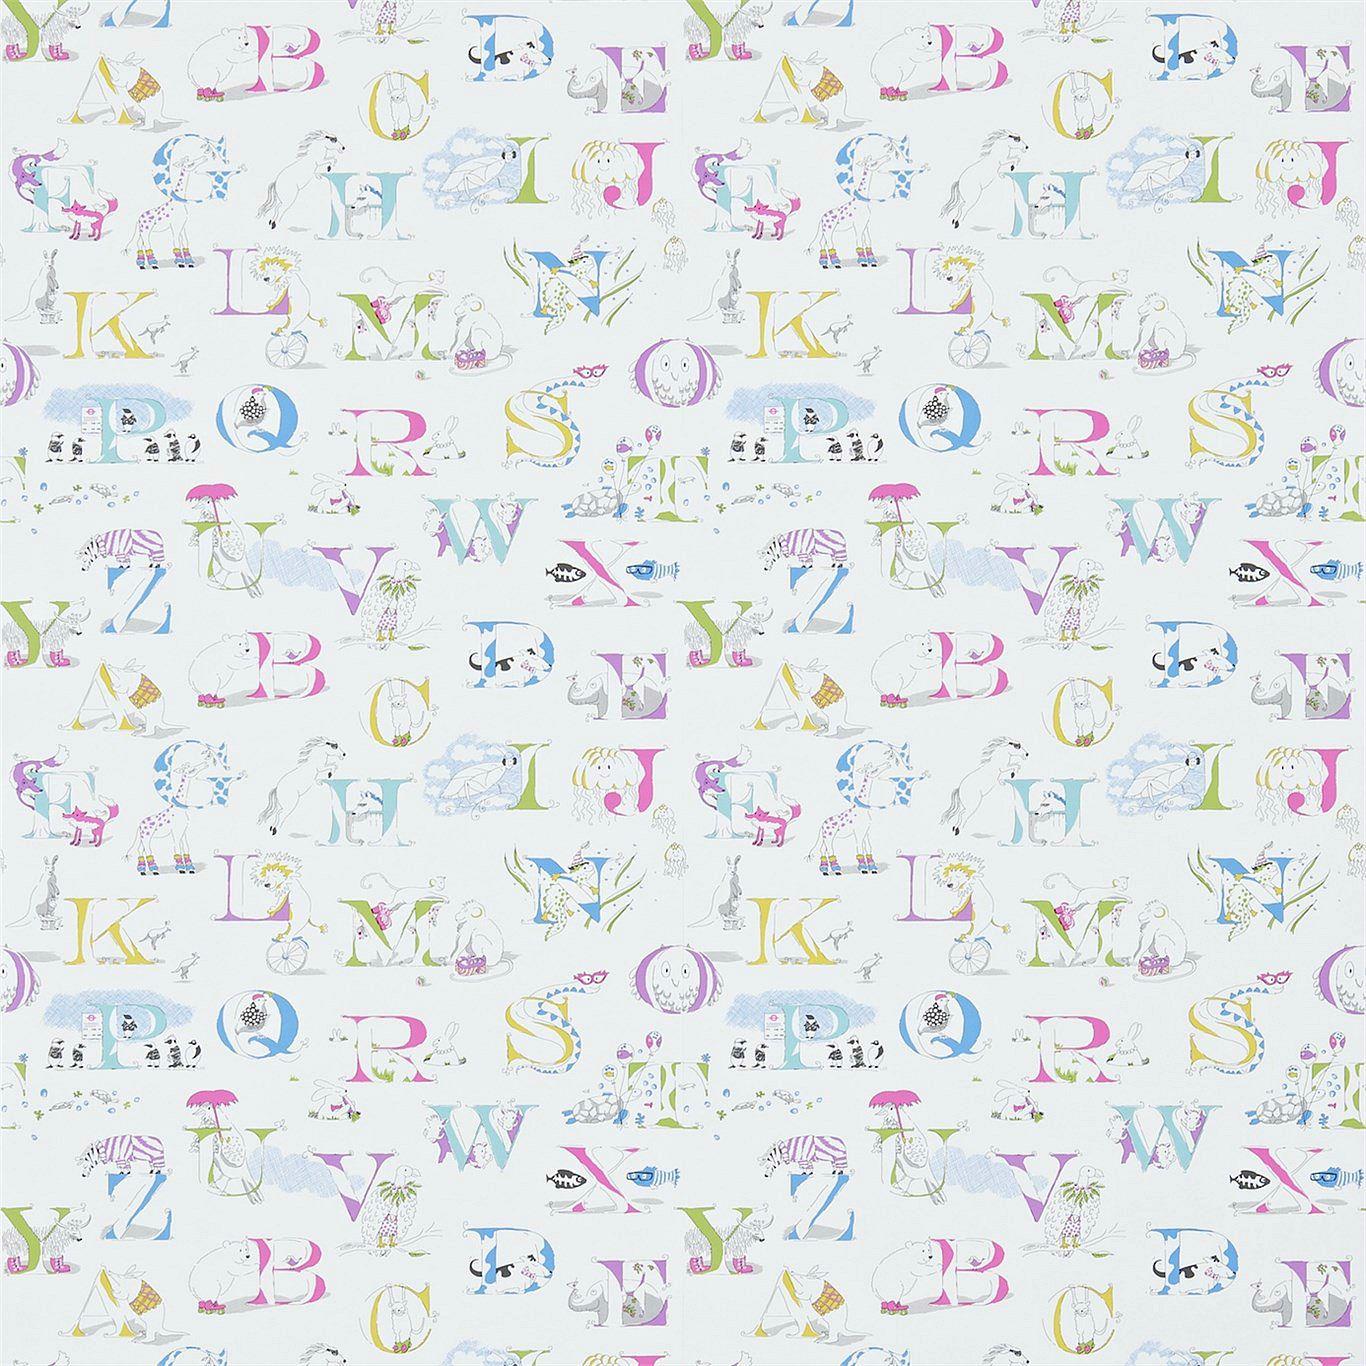 AlphabetZoo Pastell Multi